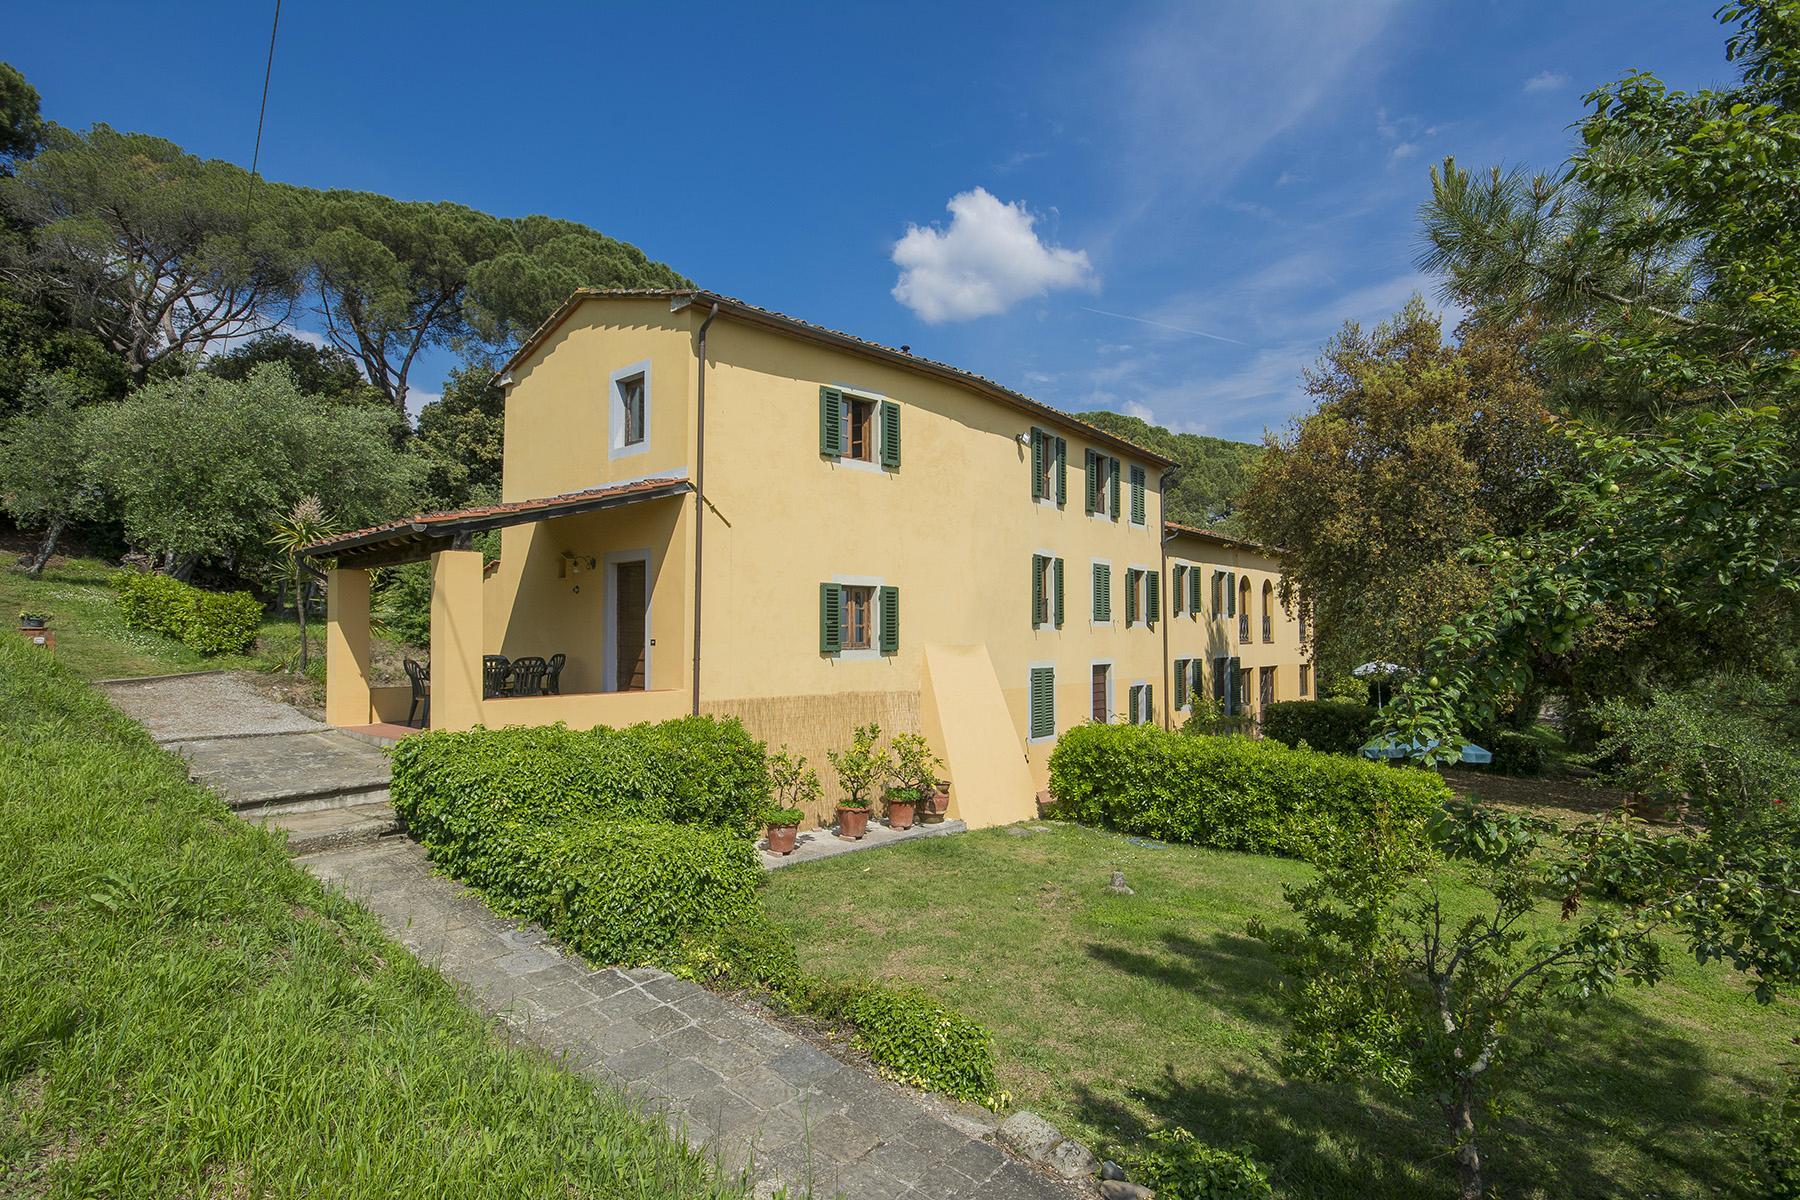 Belle maison de campagne dans les collines de Pescia - 34